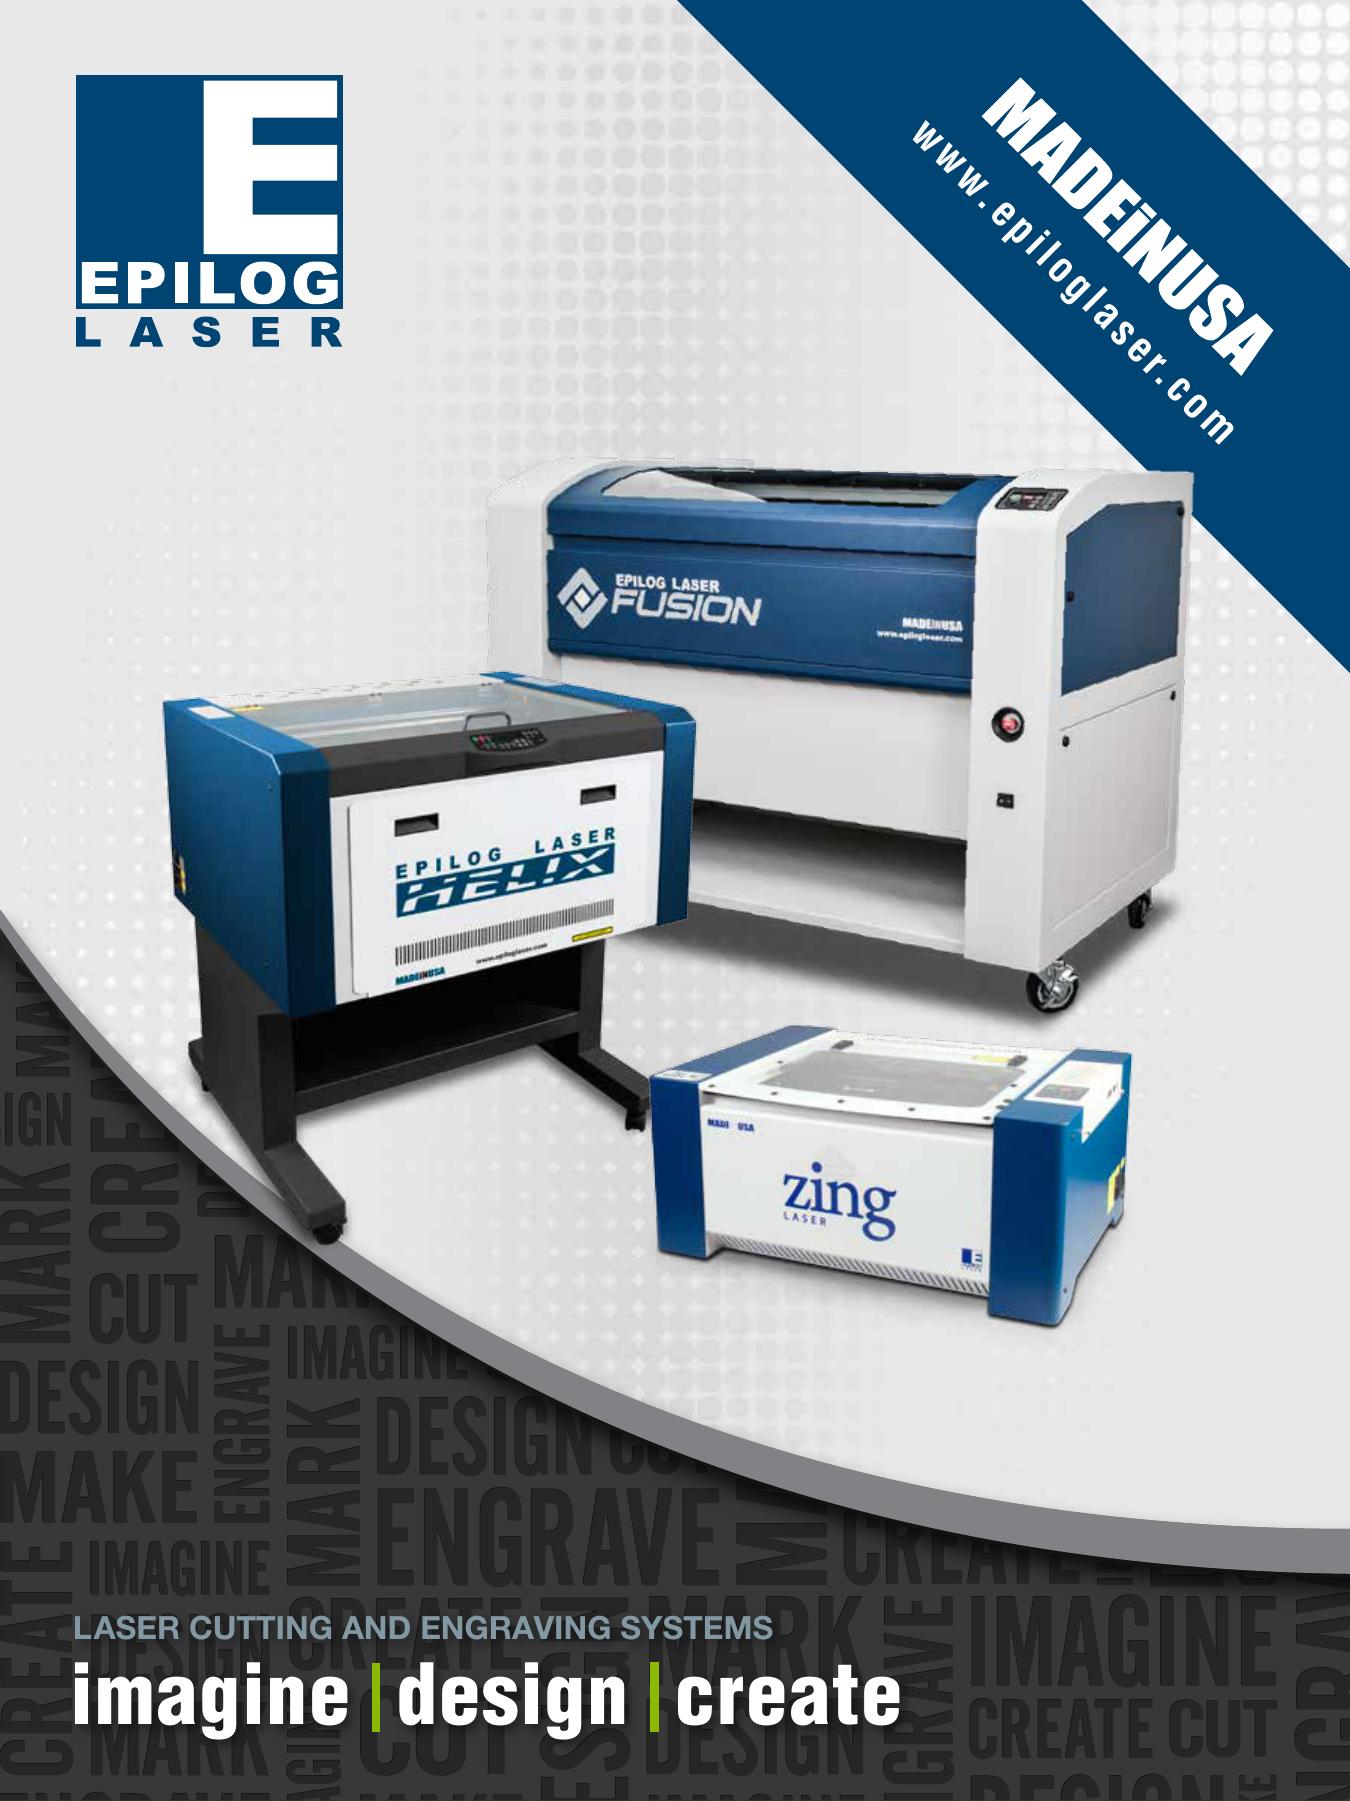 Epilog Fusion Laser | manualzz com